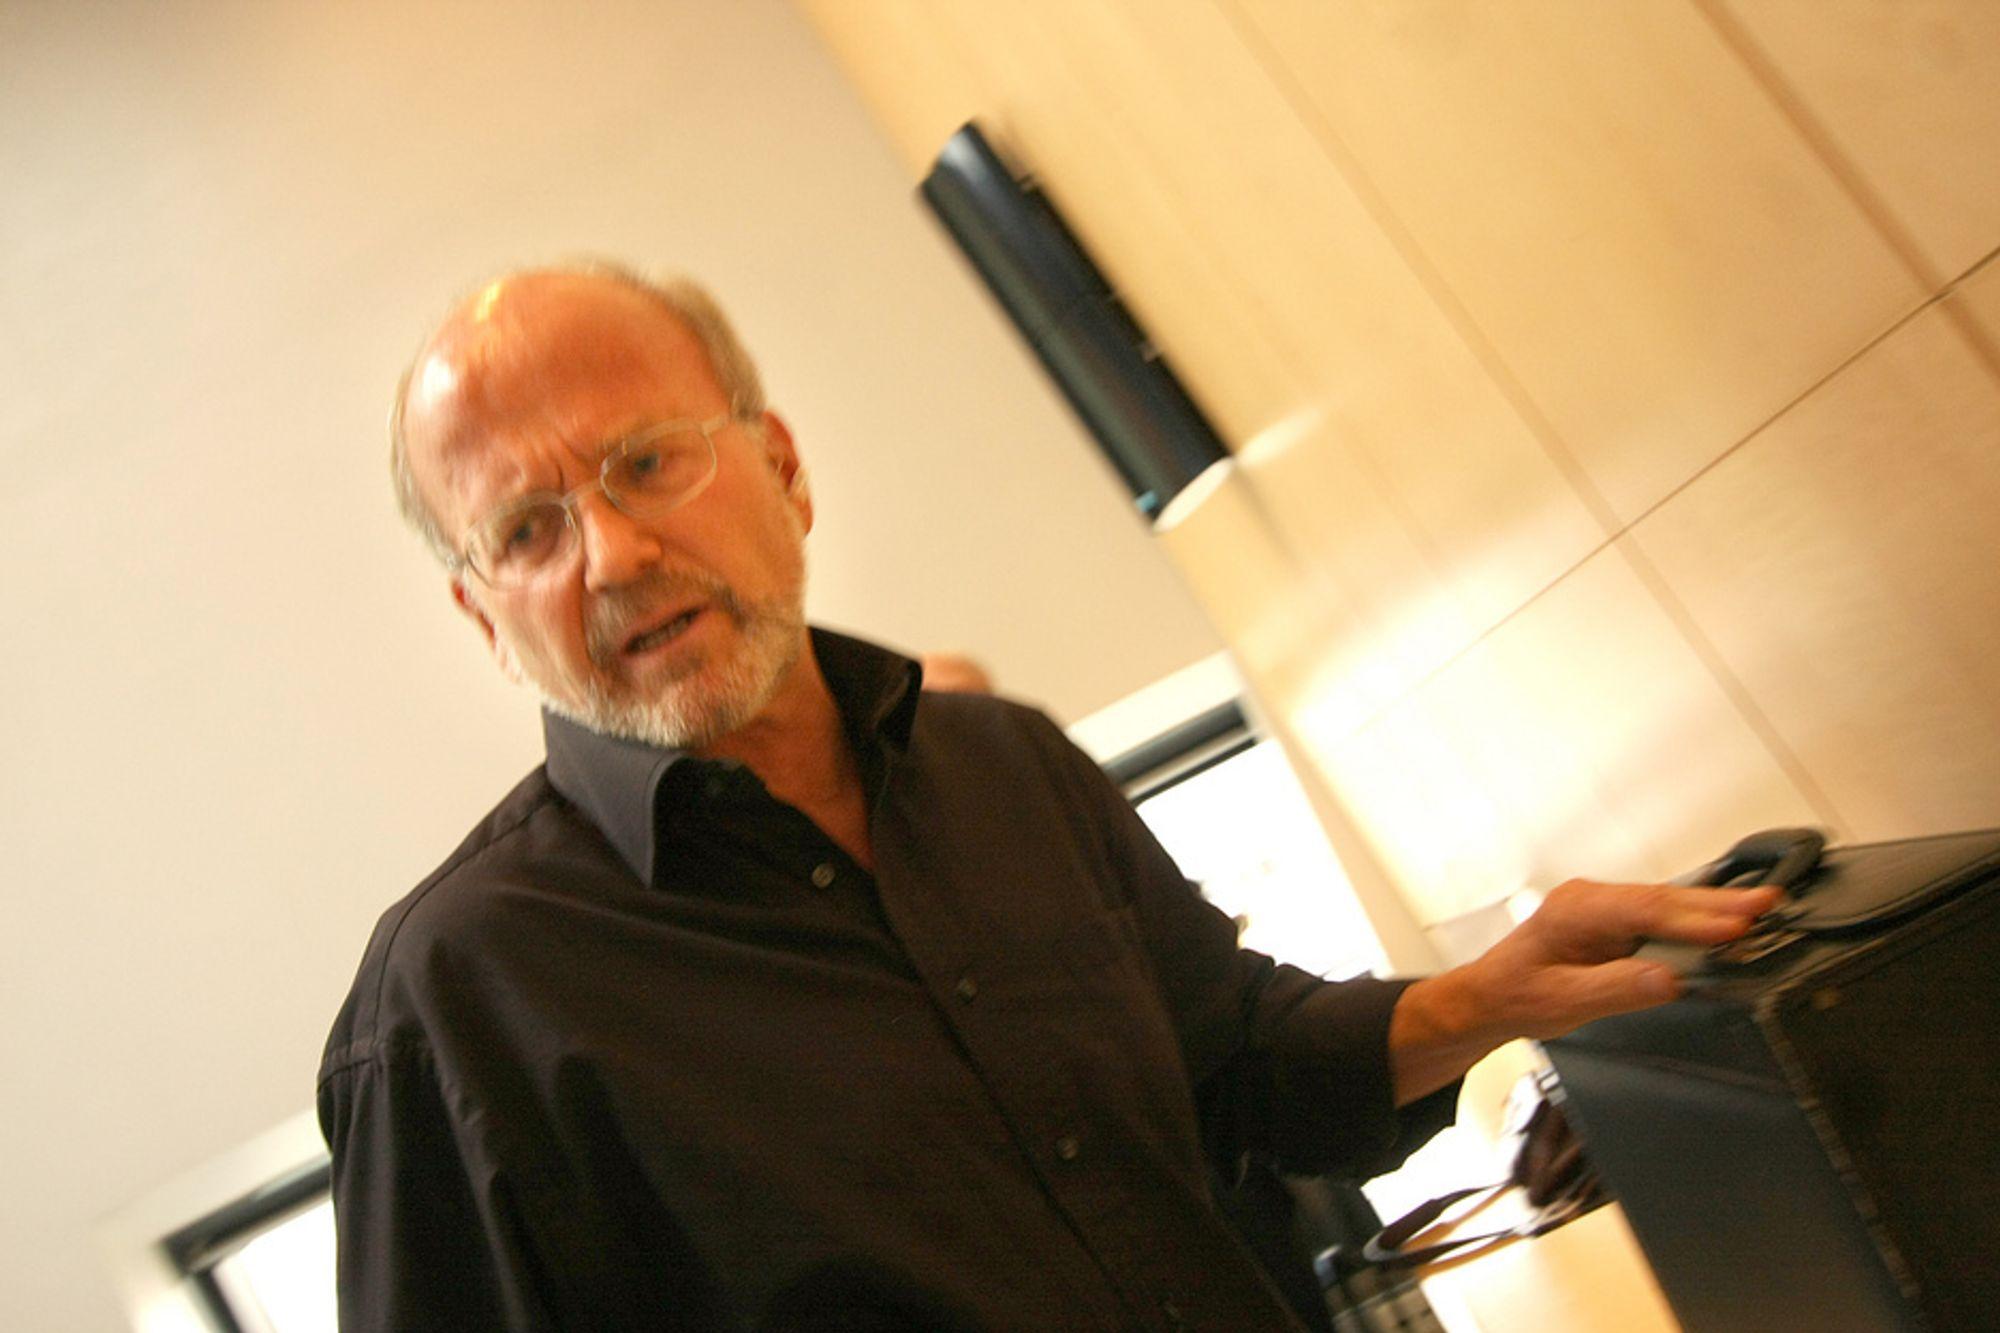 Varsler: Den erfarne oljemannen Rolf Wiborg beskylder sin egen ledelse for å ikke følge lover og regler.